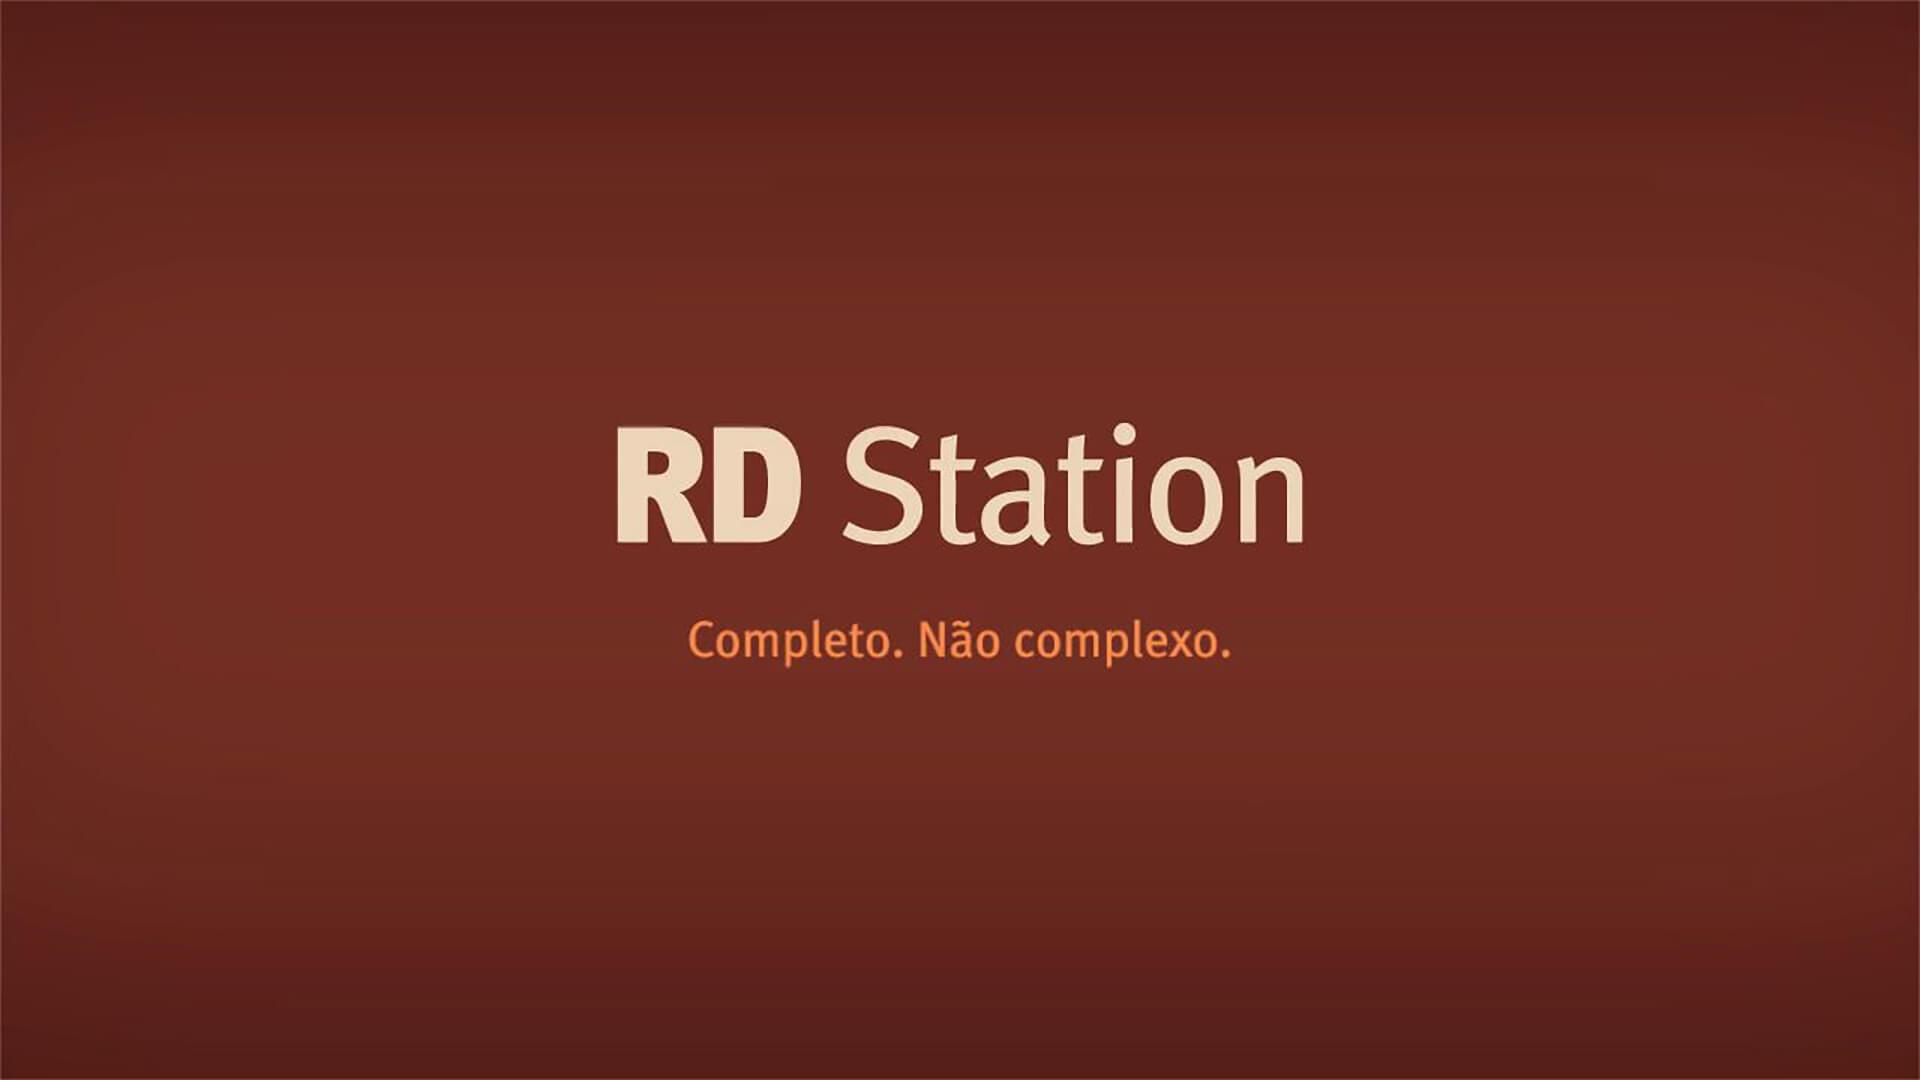 problemas com a RD Station?